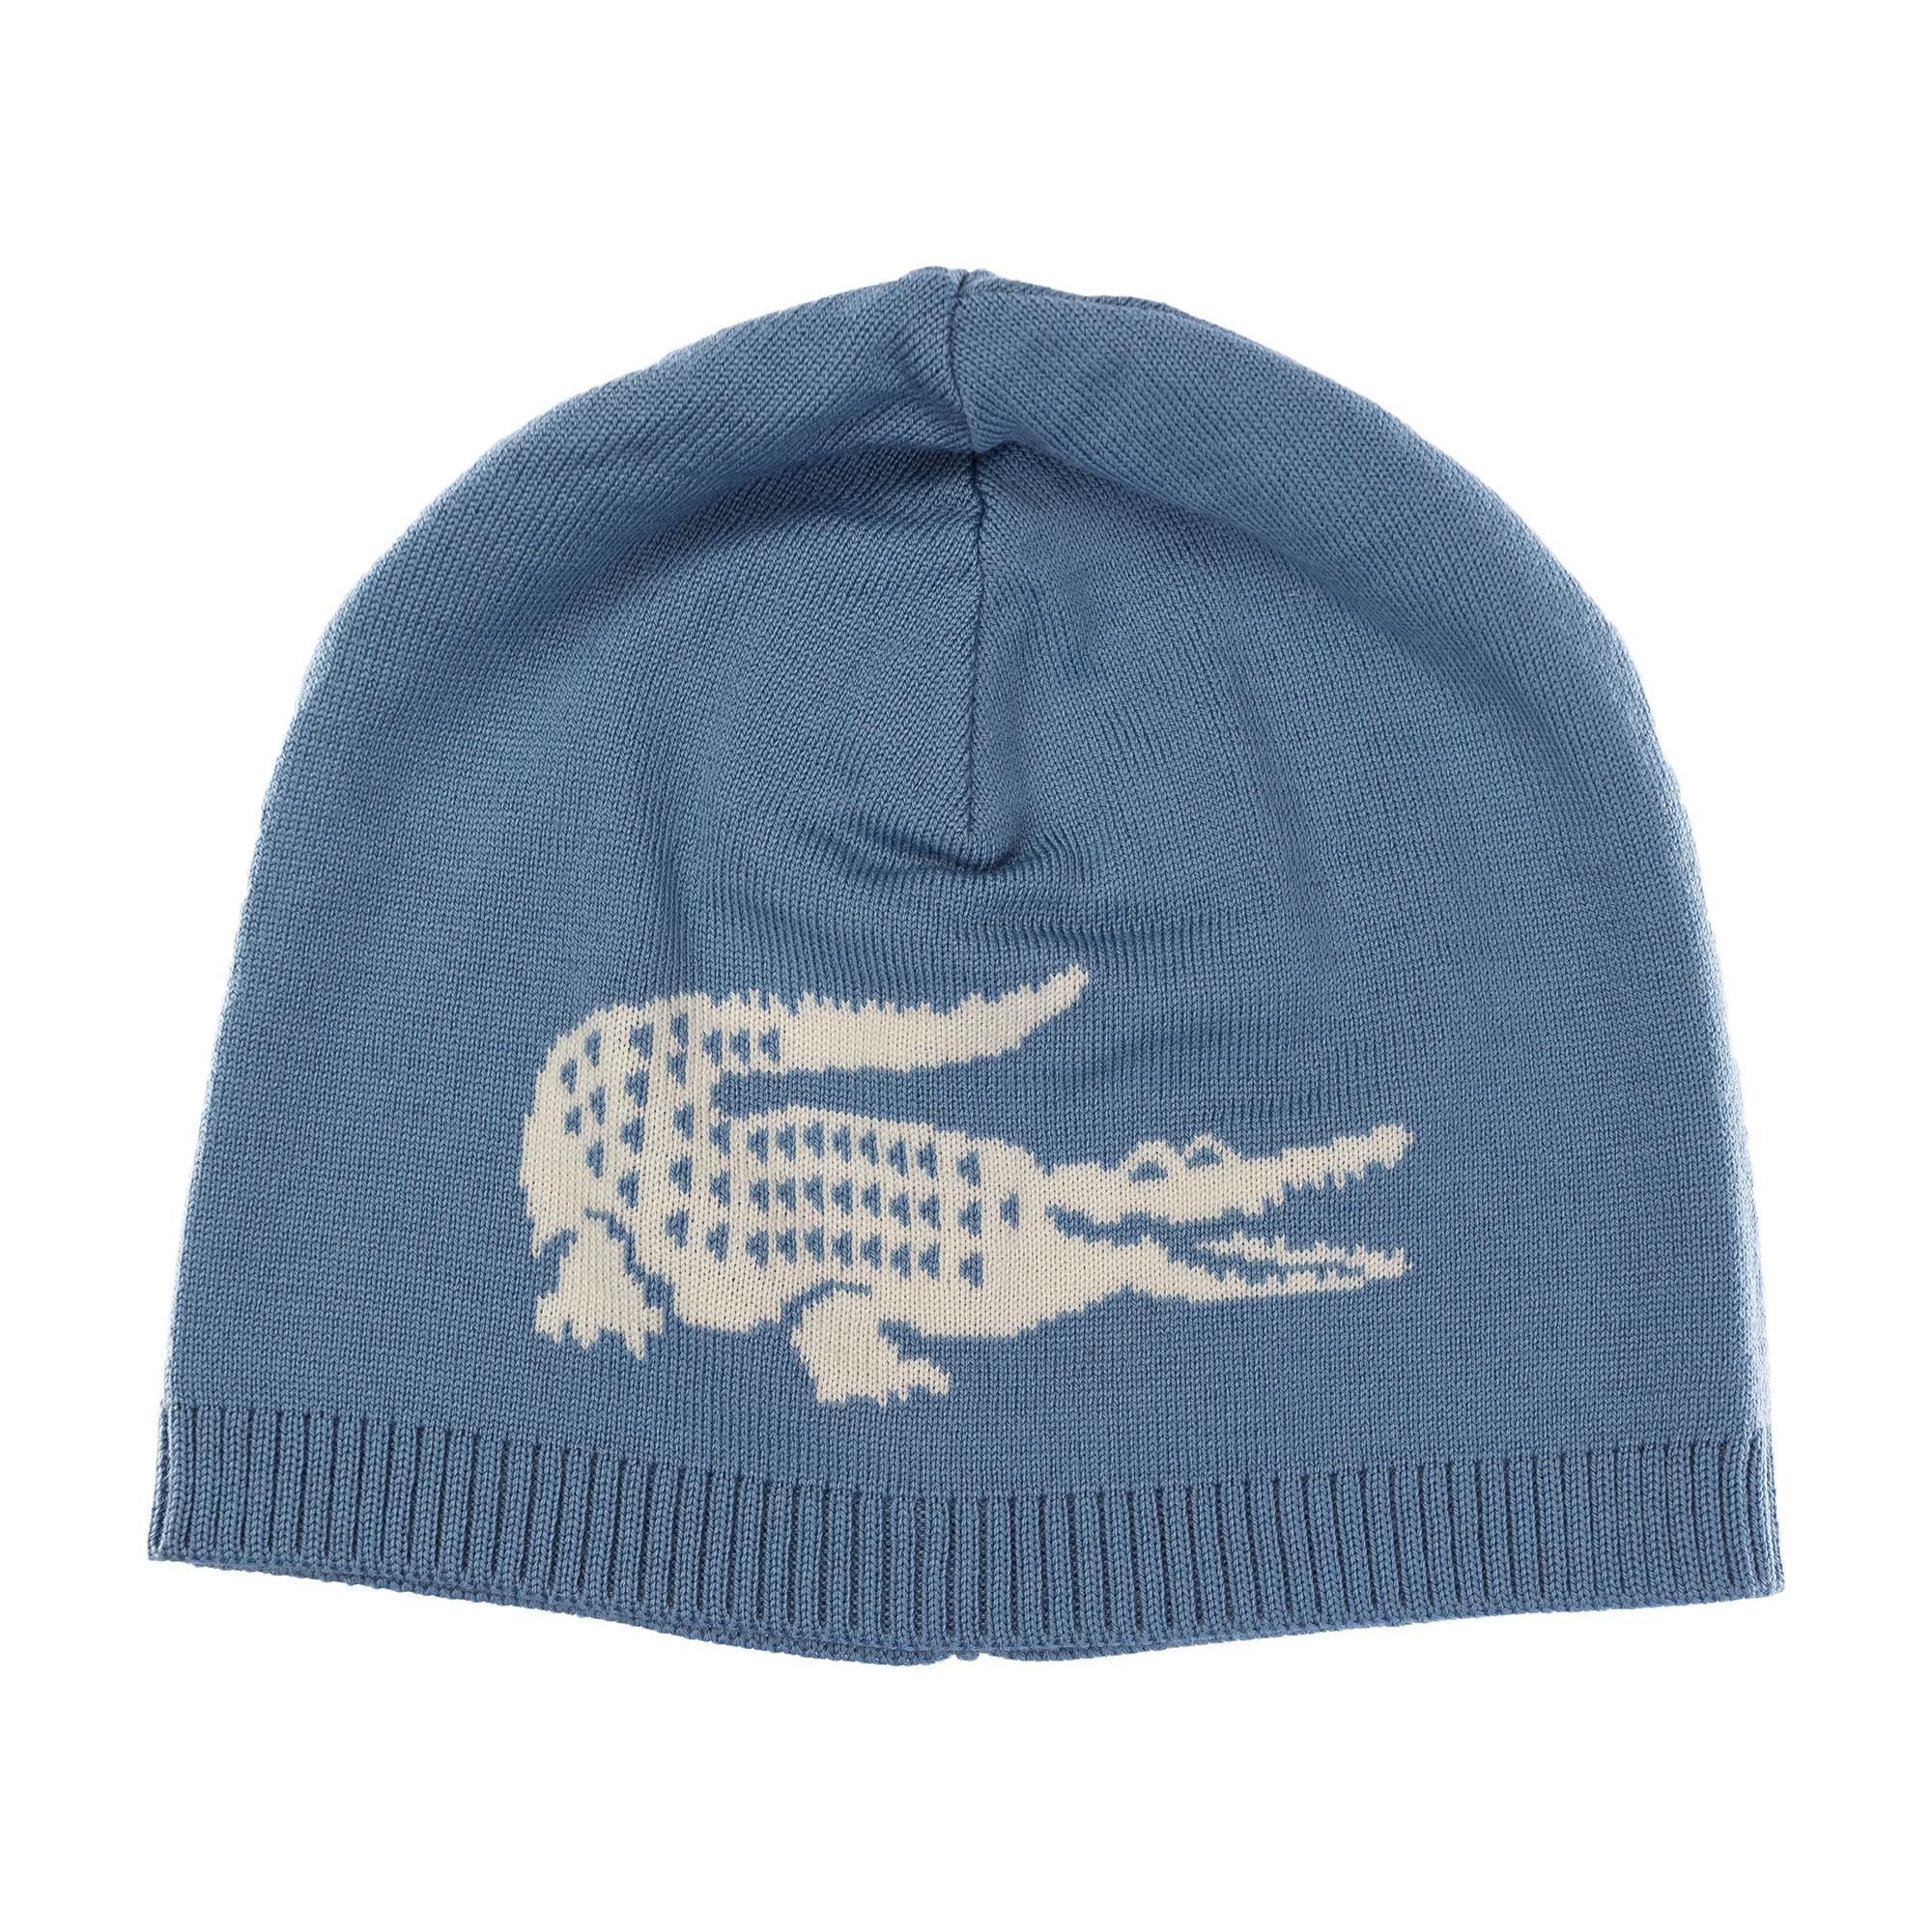 Купить Вязаная шапка Lacoste, голубой, RB3531